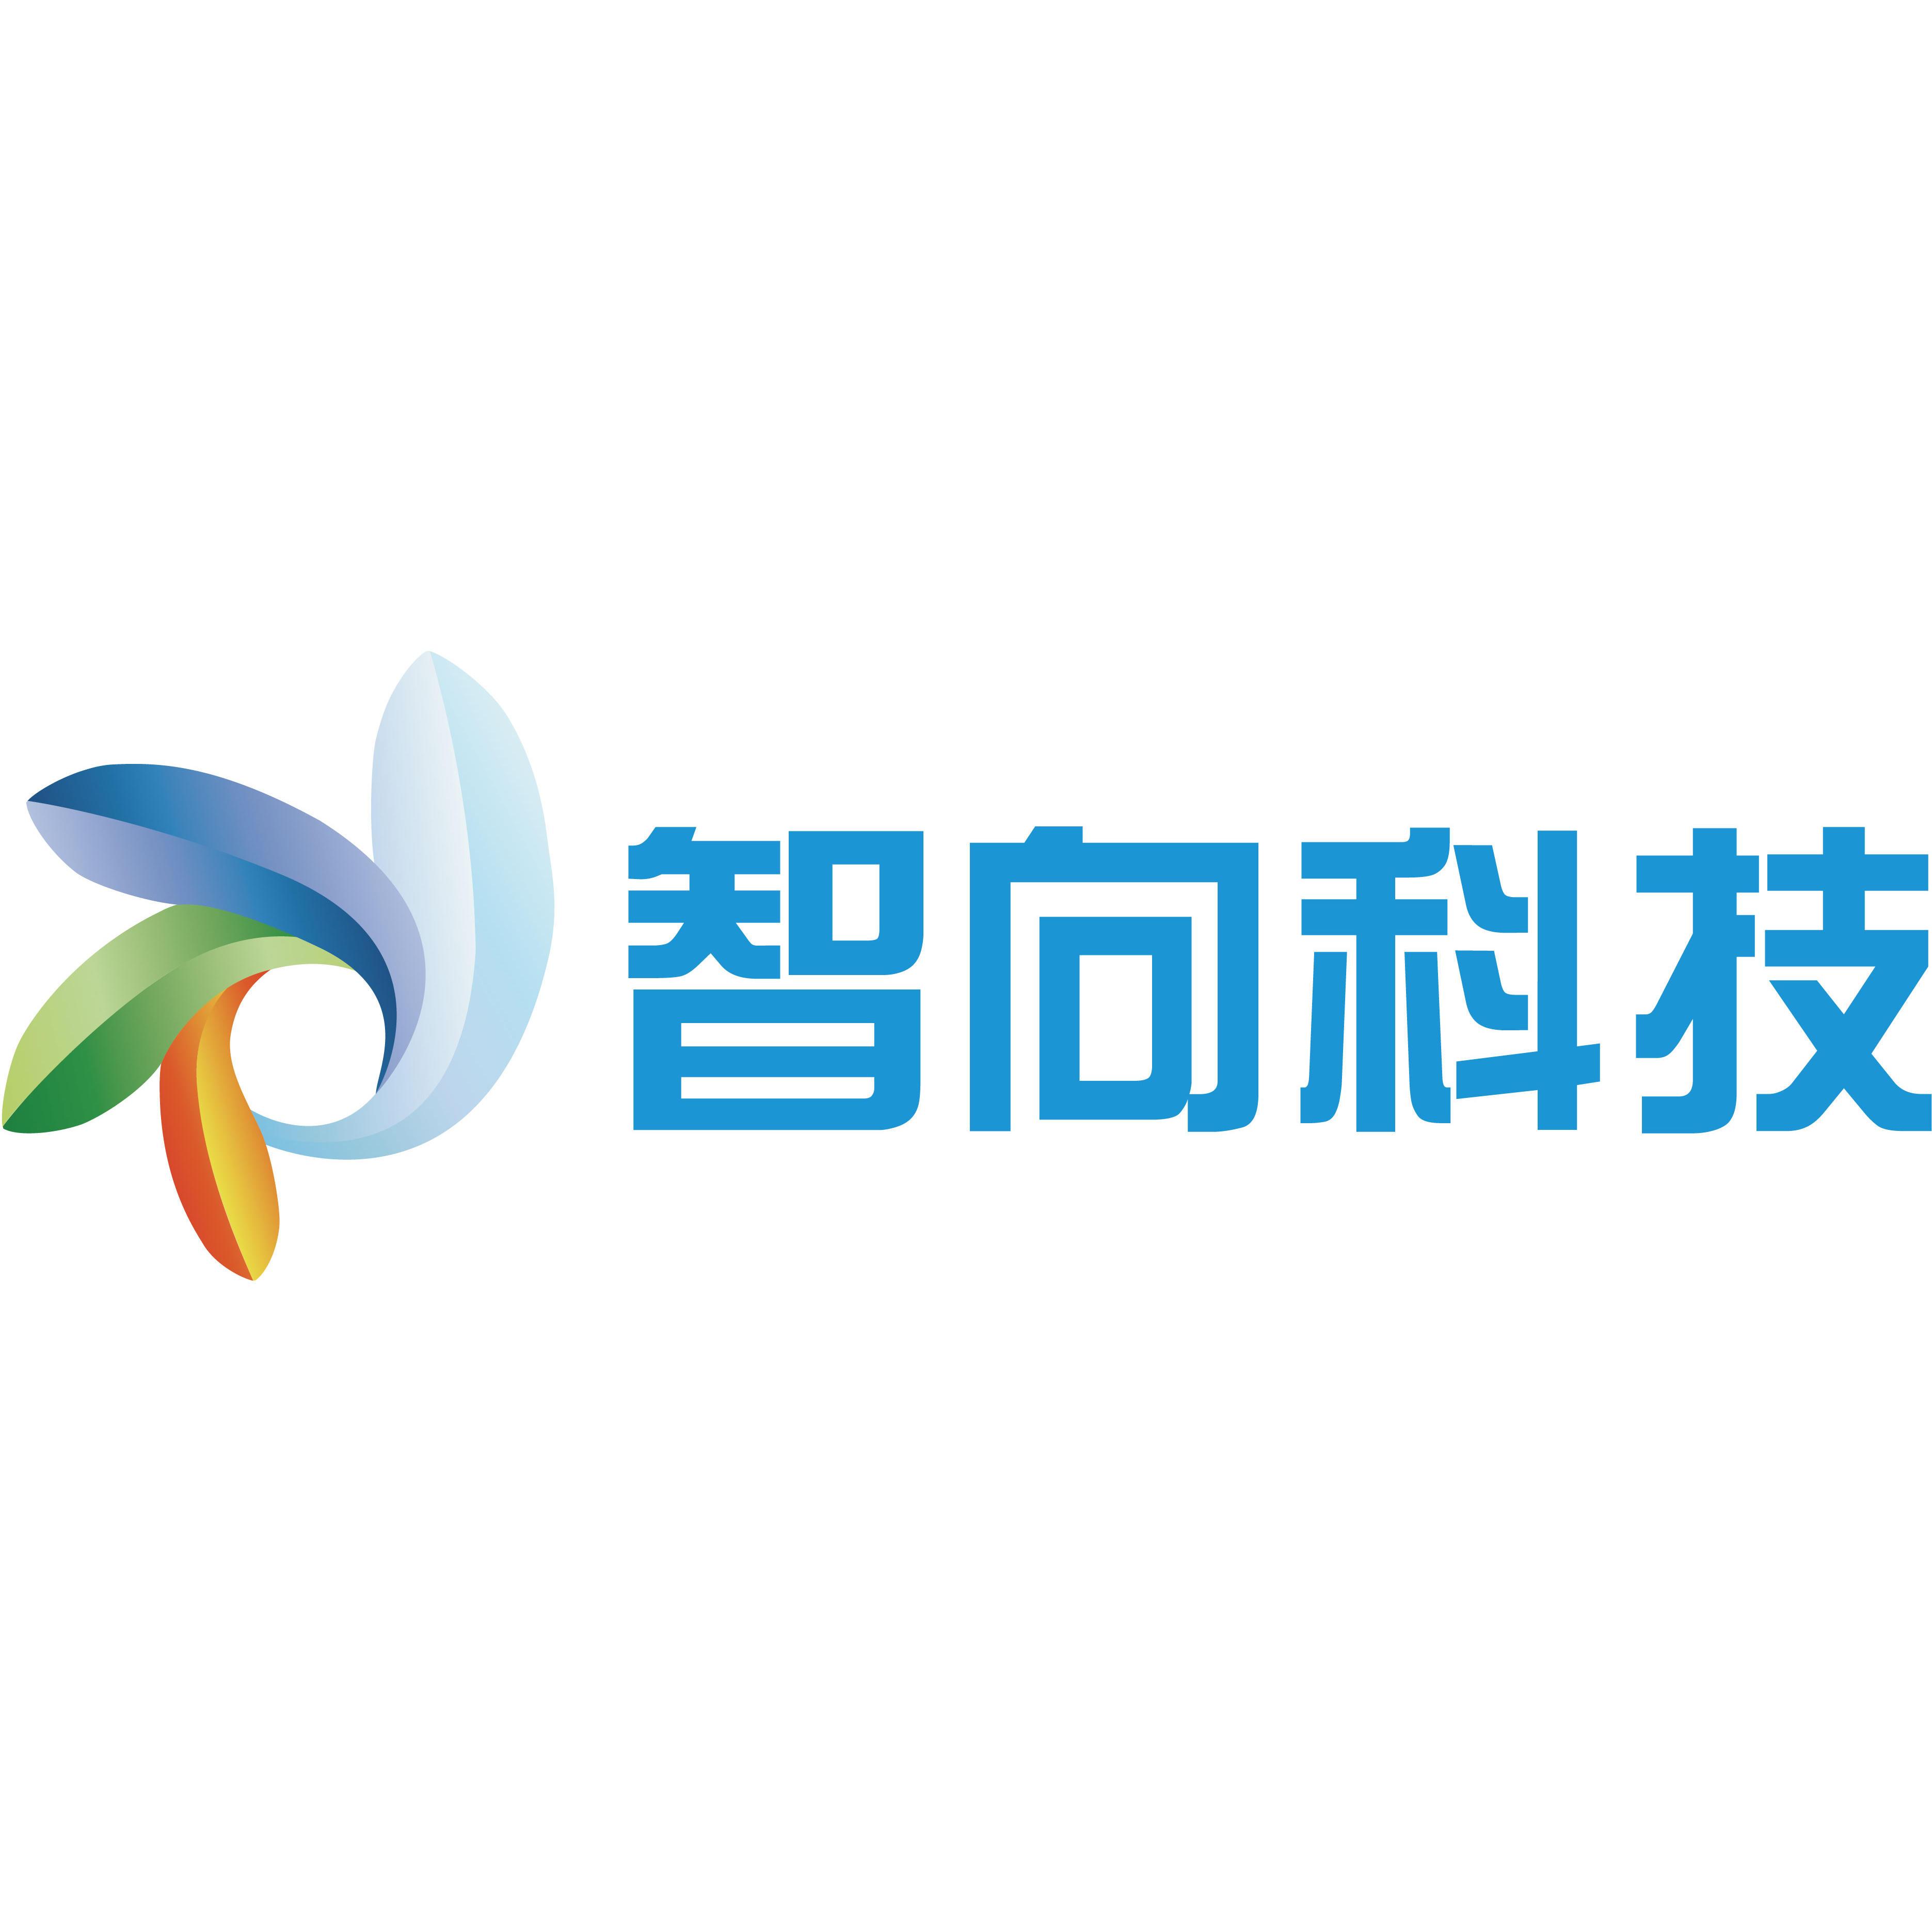 上海智向信息科技有限公司